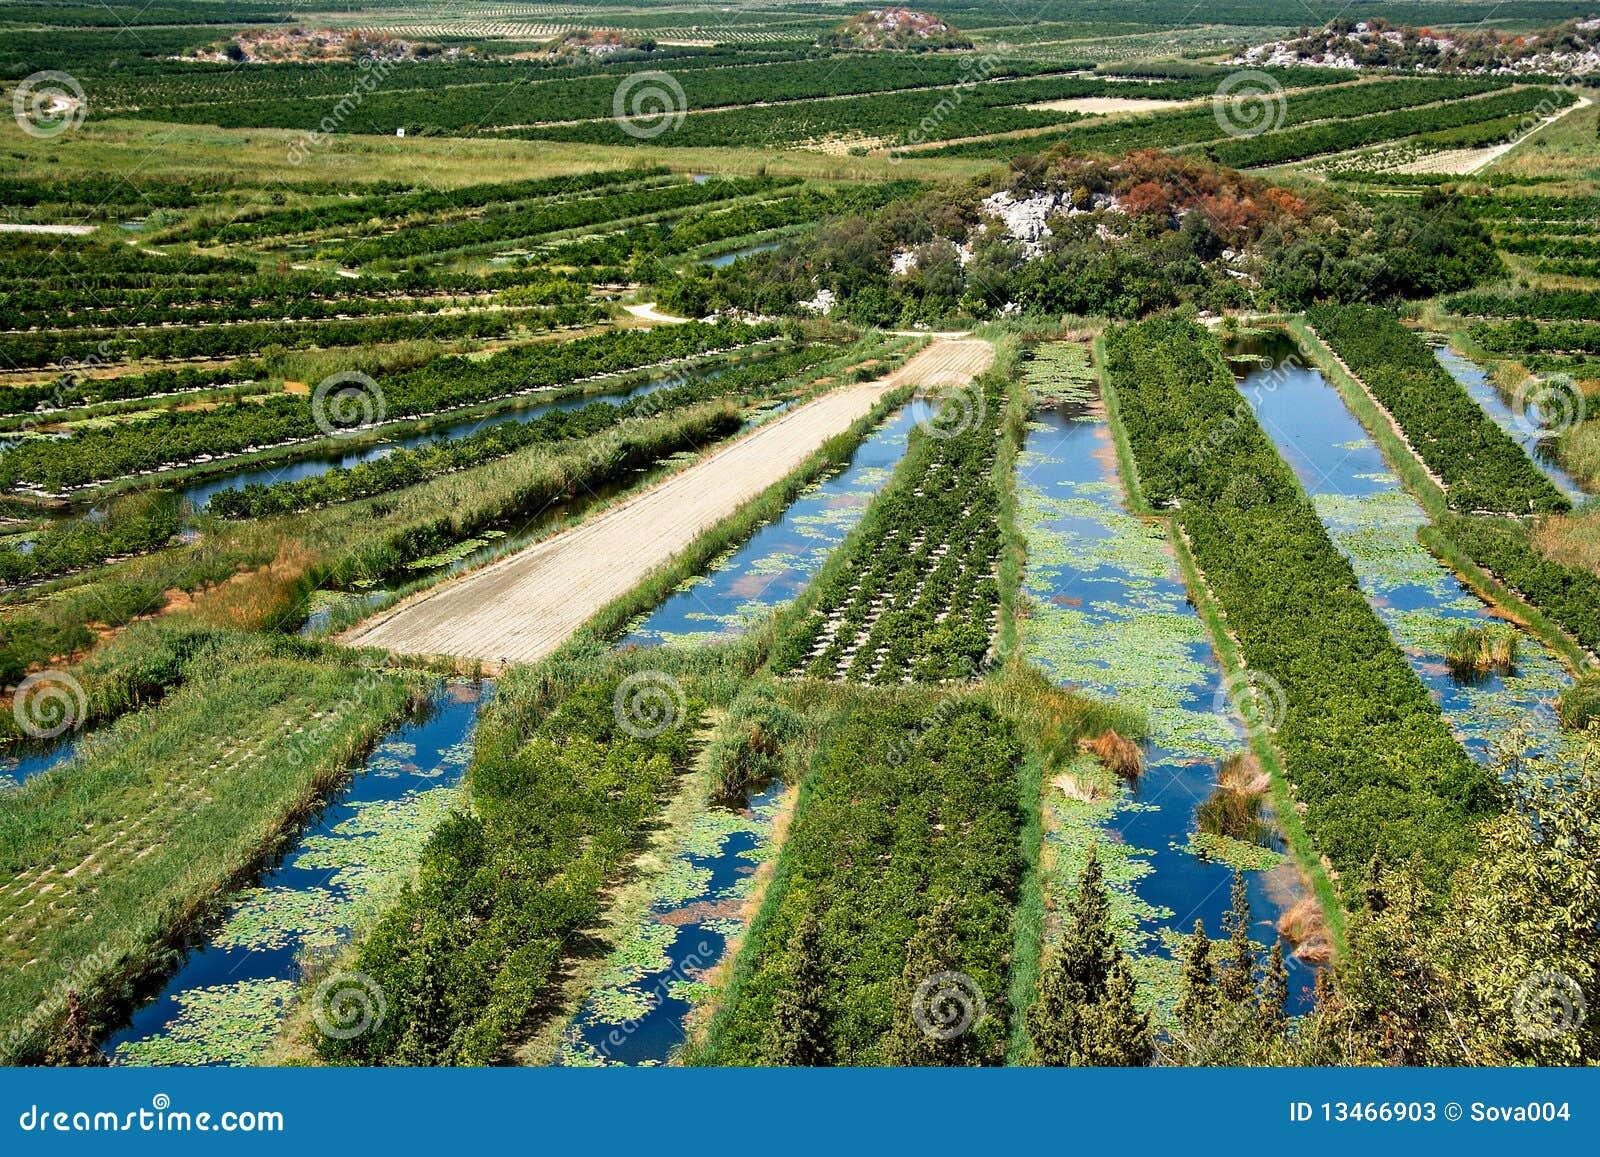 Delta del río Neretva